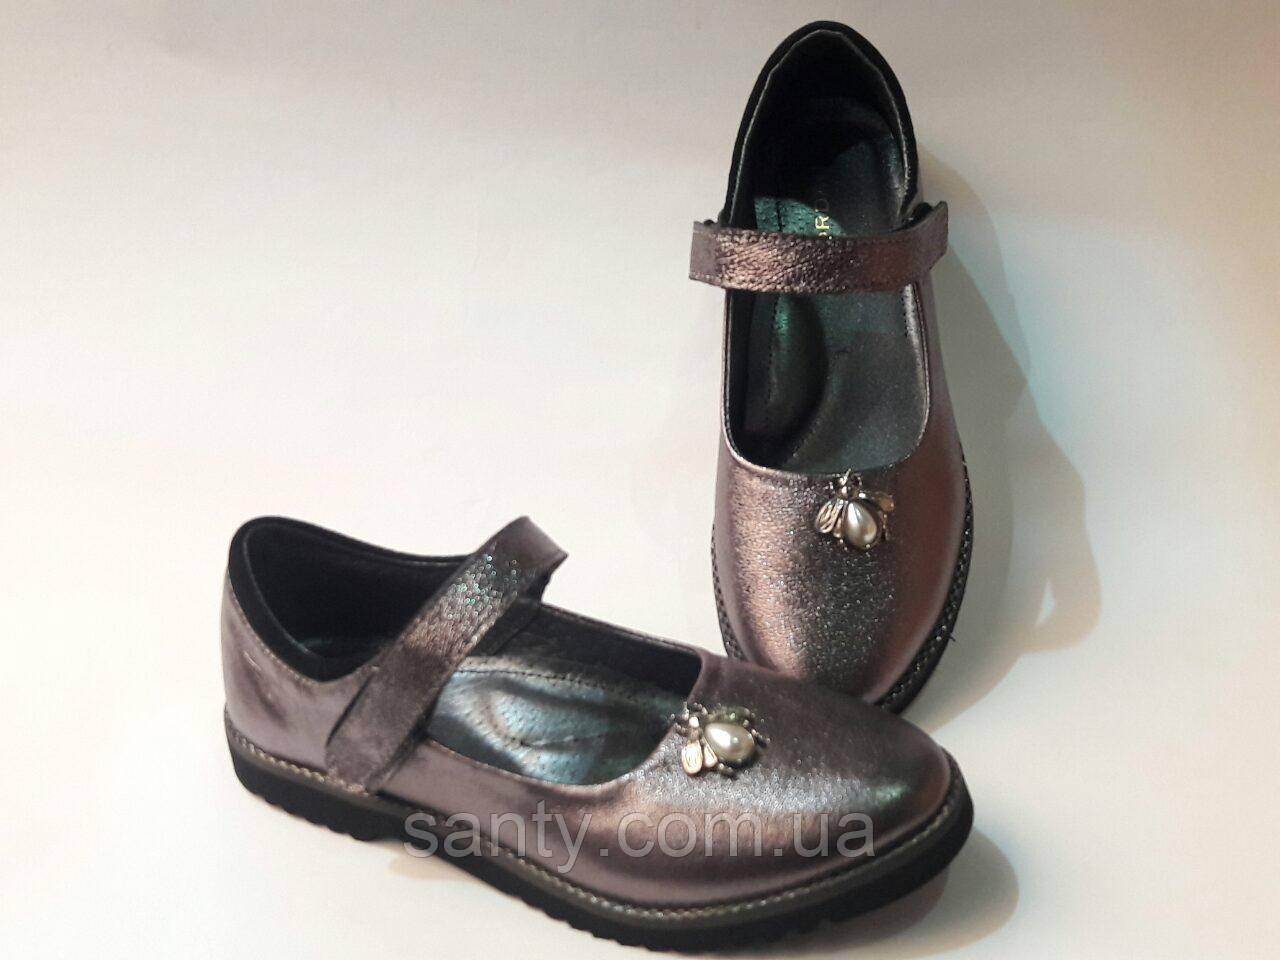 Туфли для девочки из натуральной кожи, фото 1